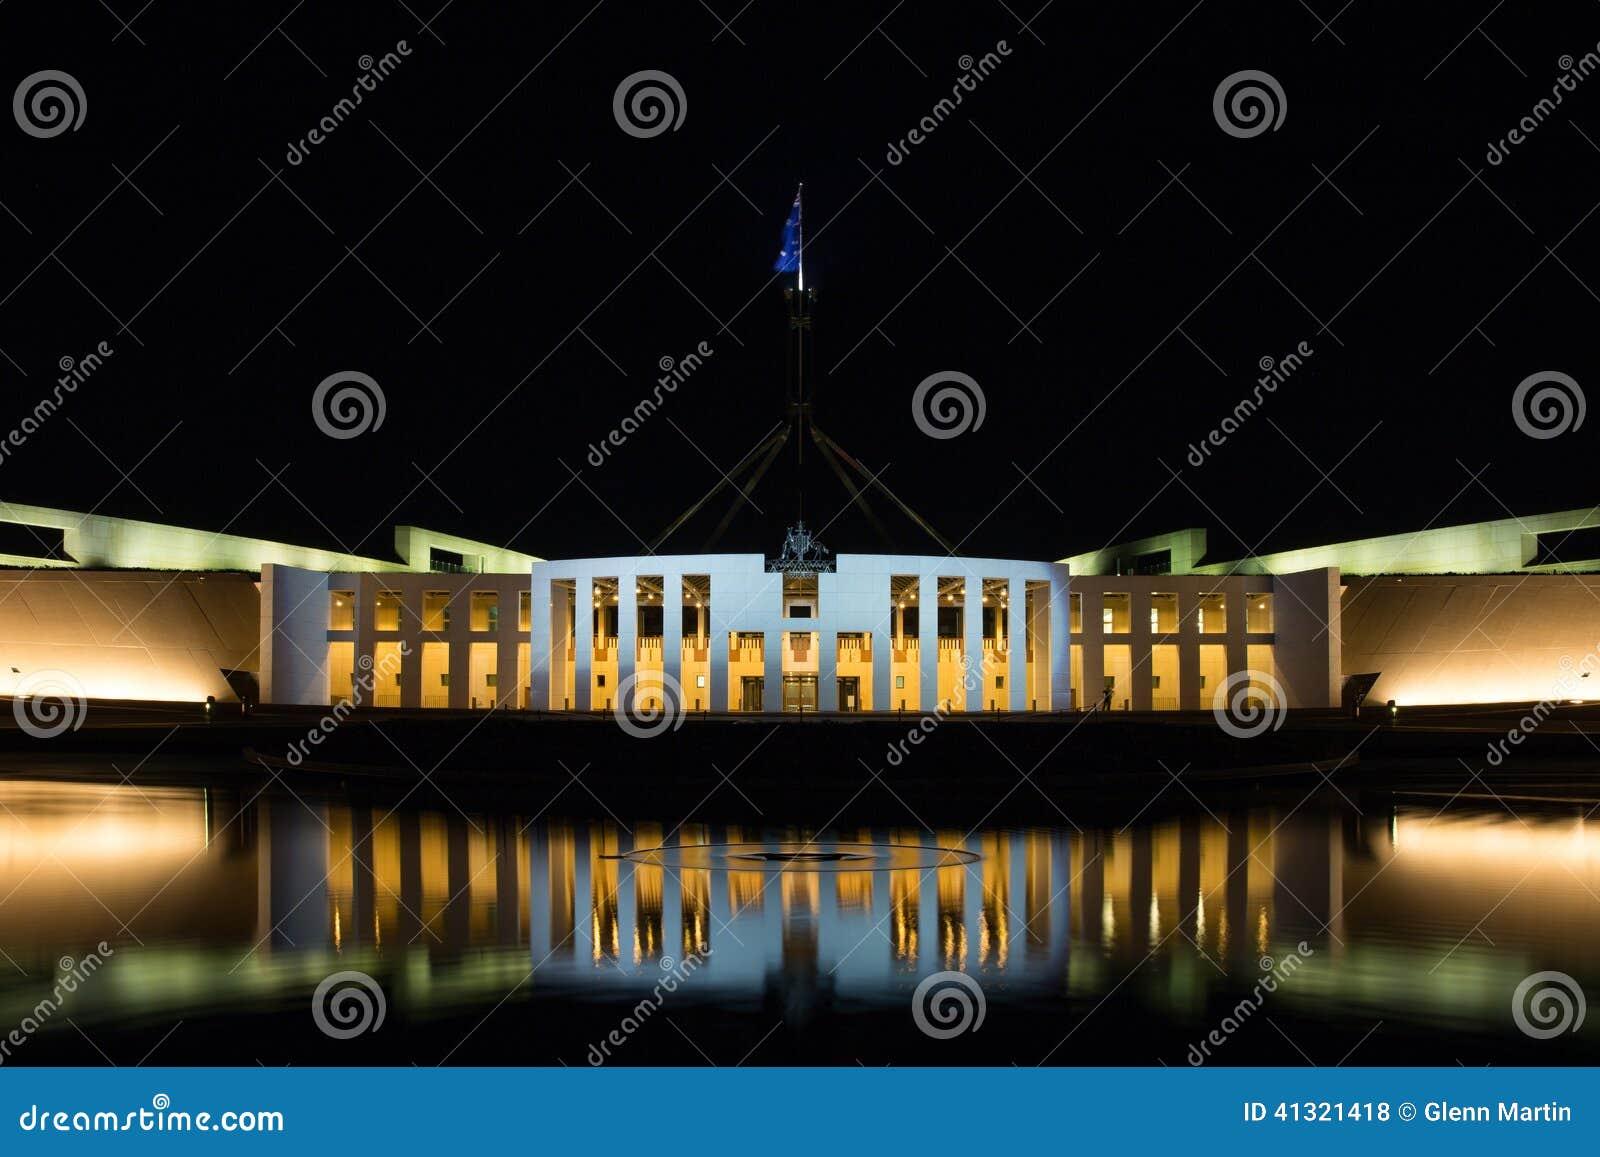 Parlamentsgebäude Canberra Australien